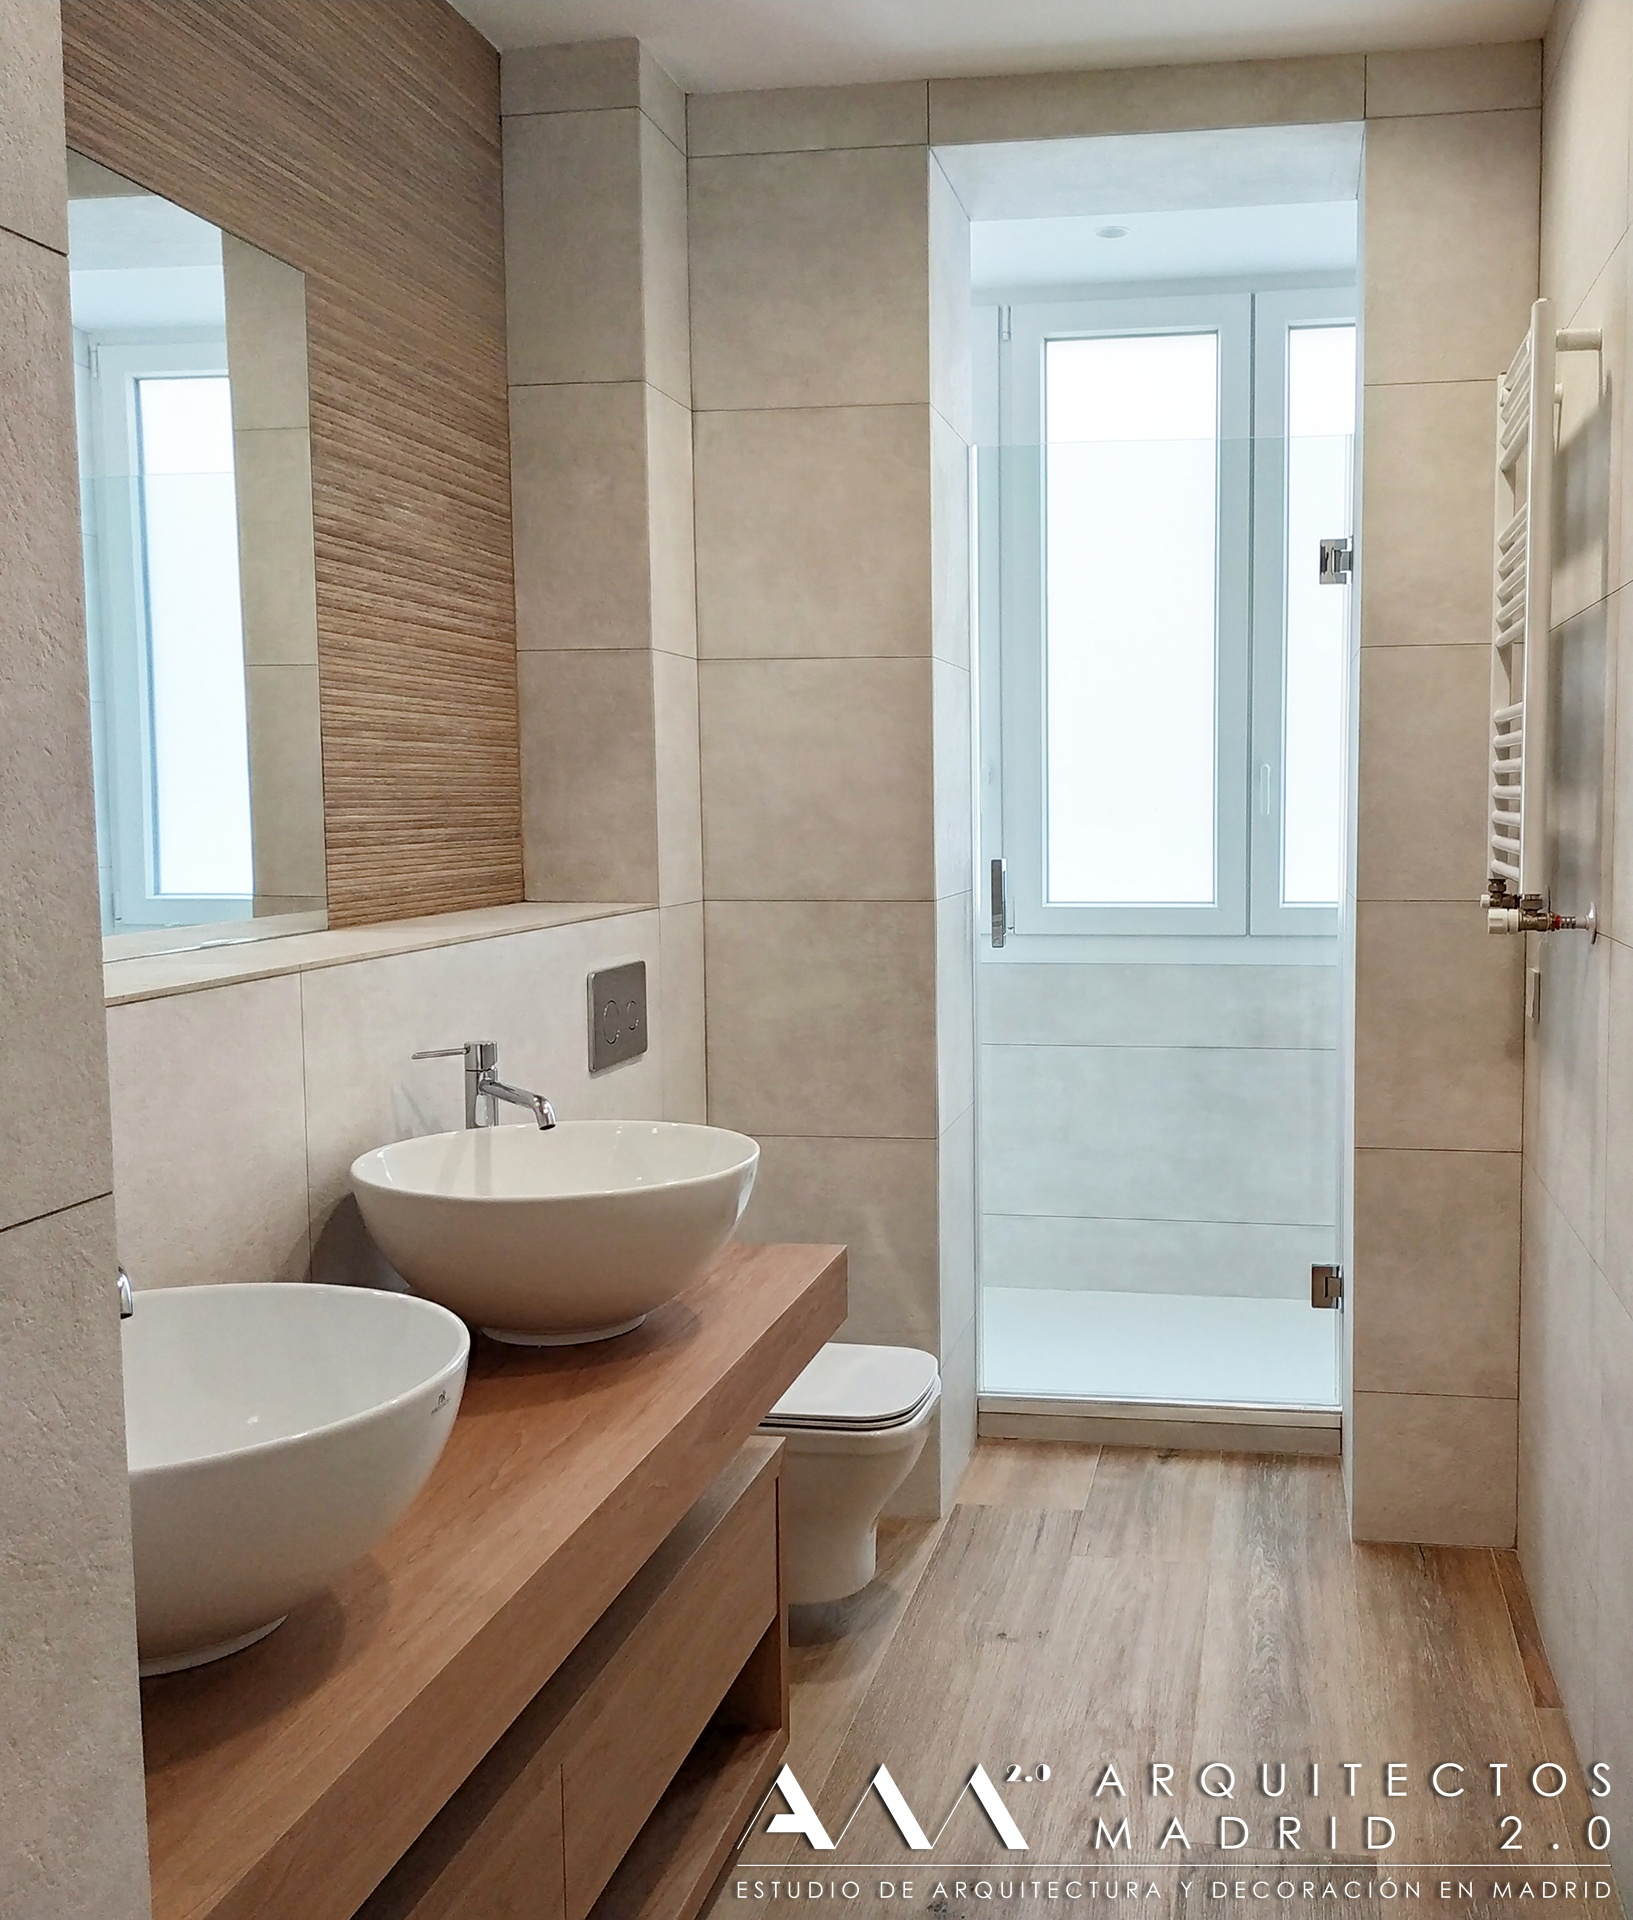 proyecto-reforma-integral-vivienda-arquitectos-madrid-ideas-decoracion-salon-cocina-home-interior-design-30